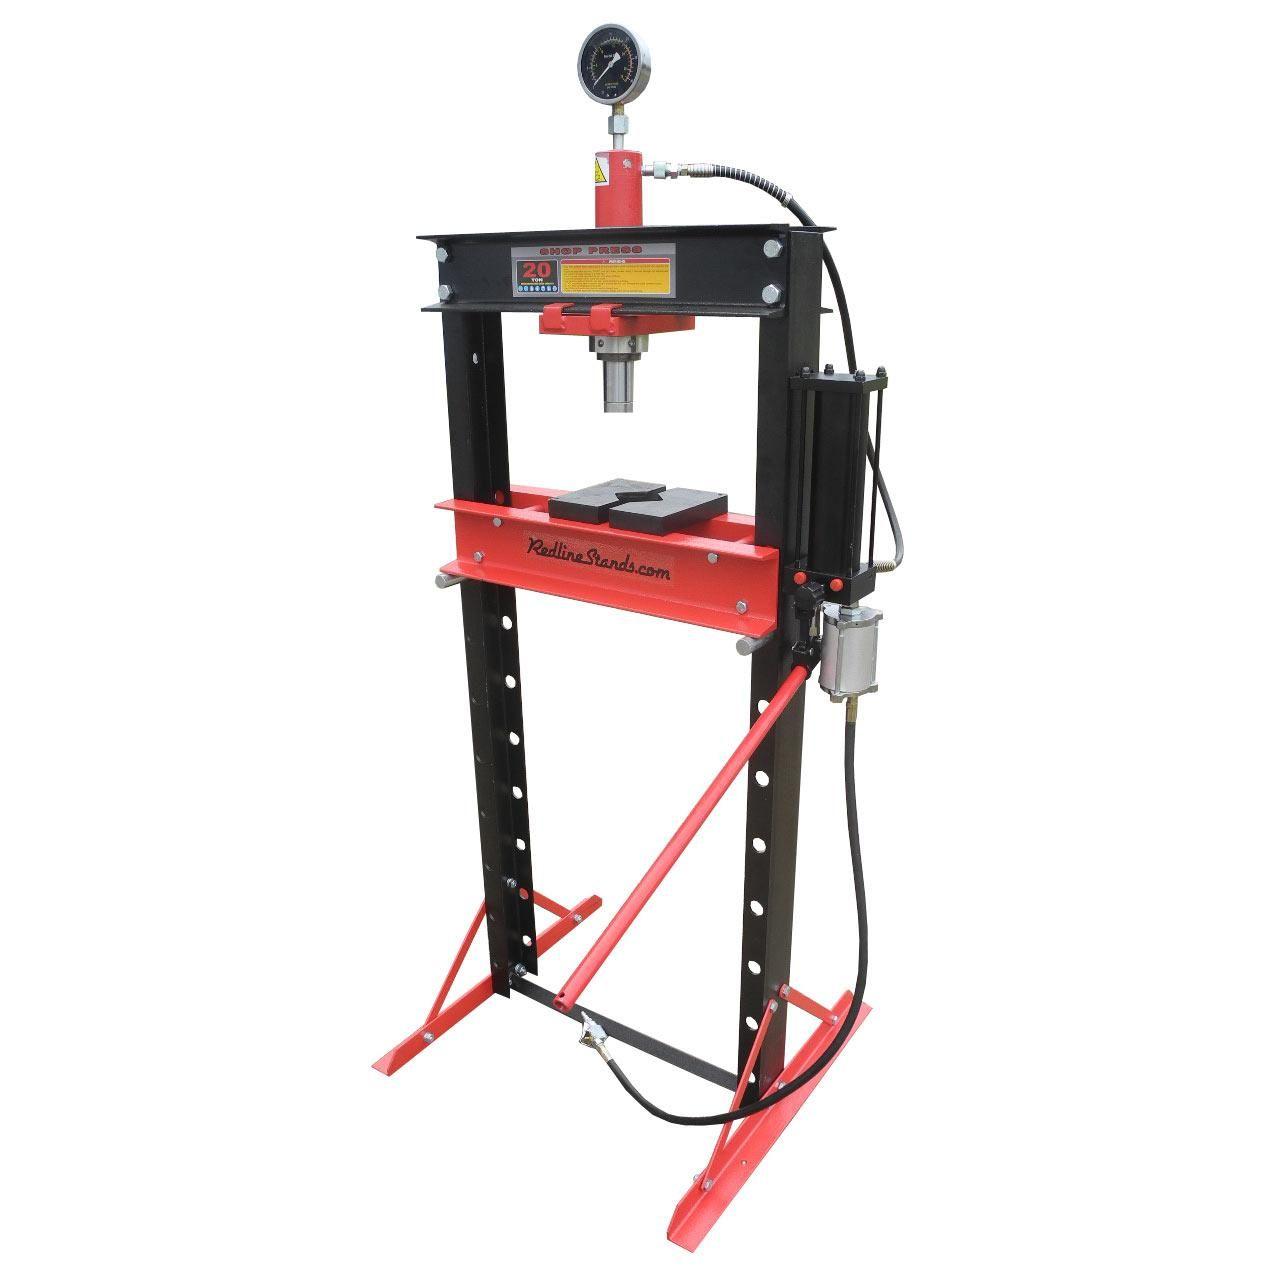 Redline 20 Ton Air Hydraulic Shop Press Free Shipping Hydraulic Shop Press Shop Press Hydraulic